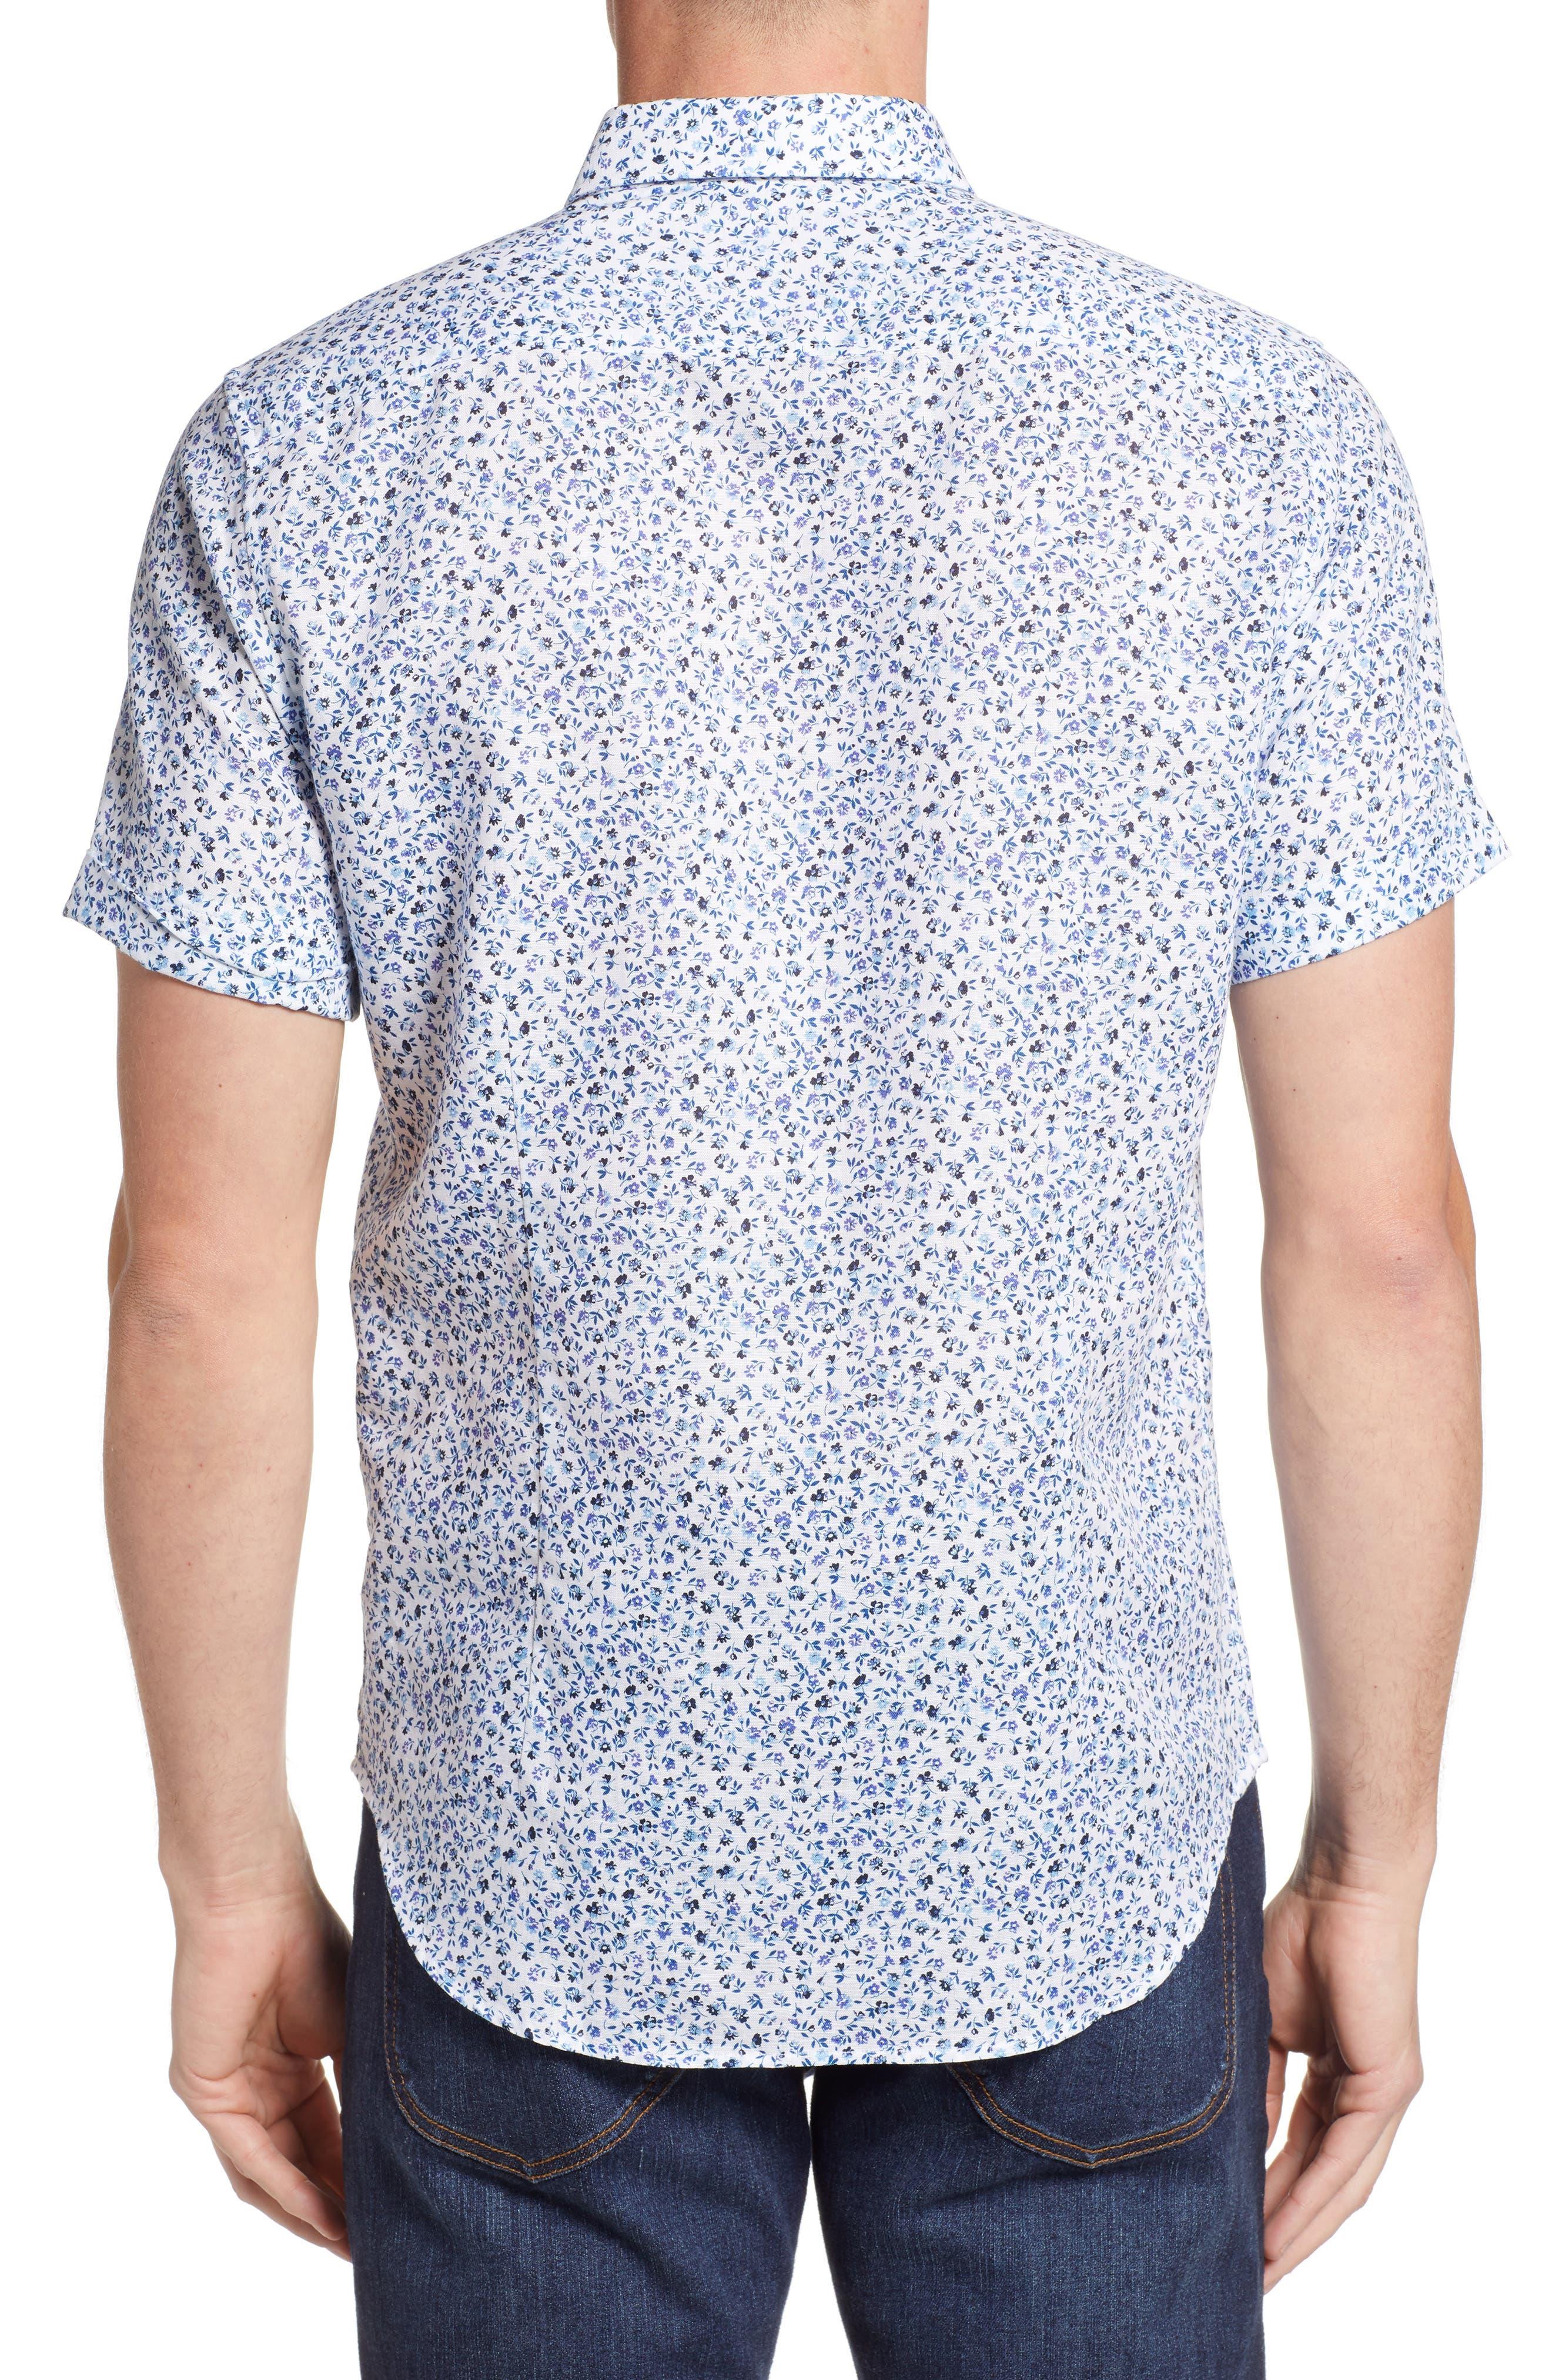 Patrick Floral Linen Blend Sport Shirt,                             Alternate thumbnail 3, color,                             400